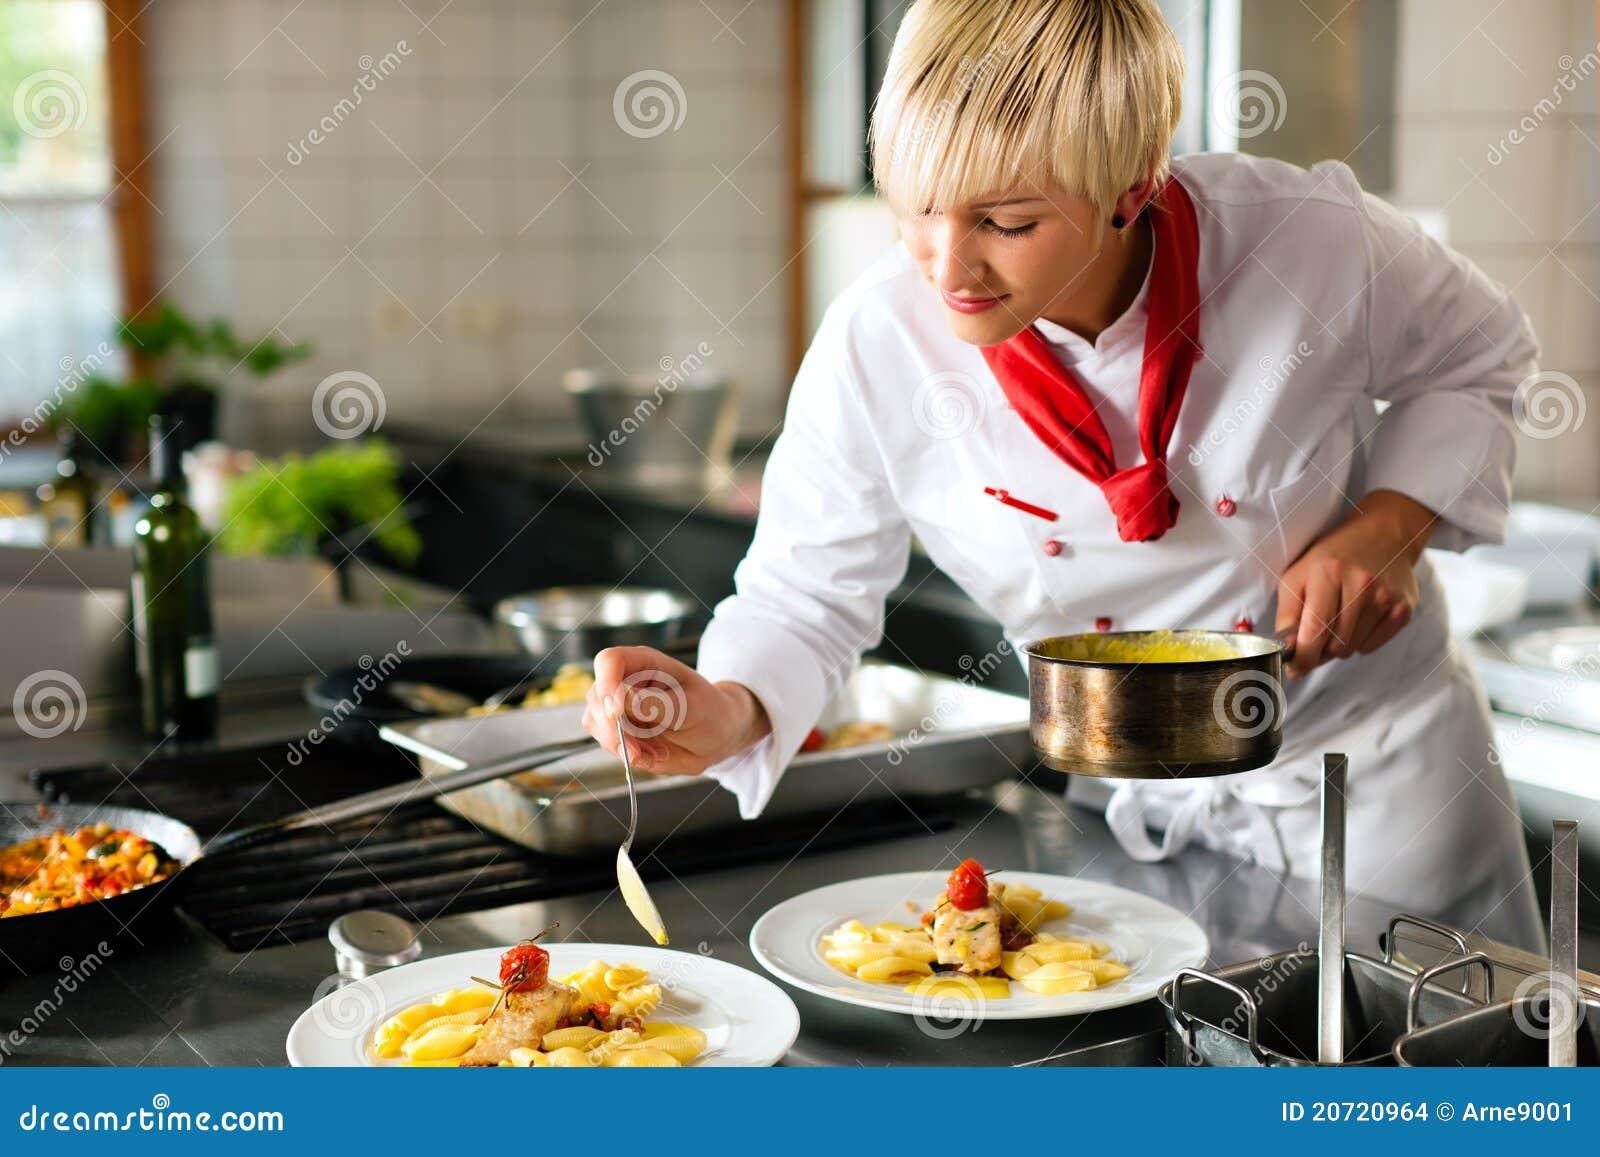 Restaurant Kitchen Bell